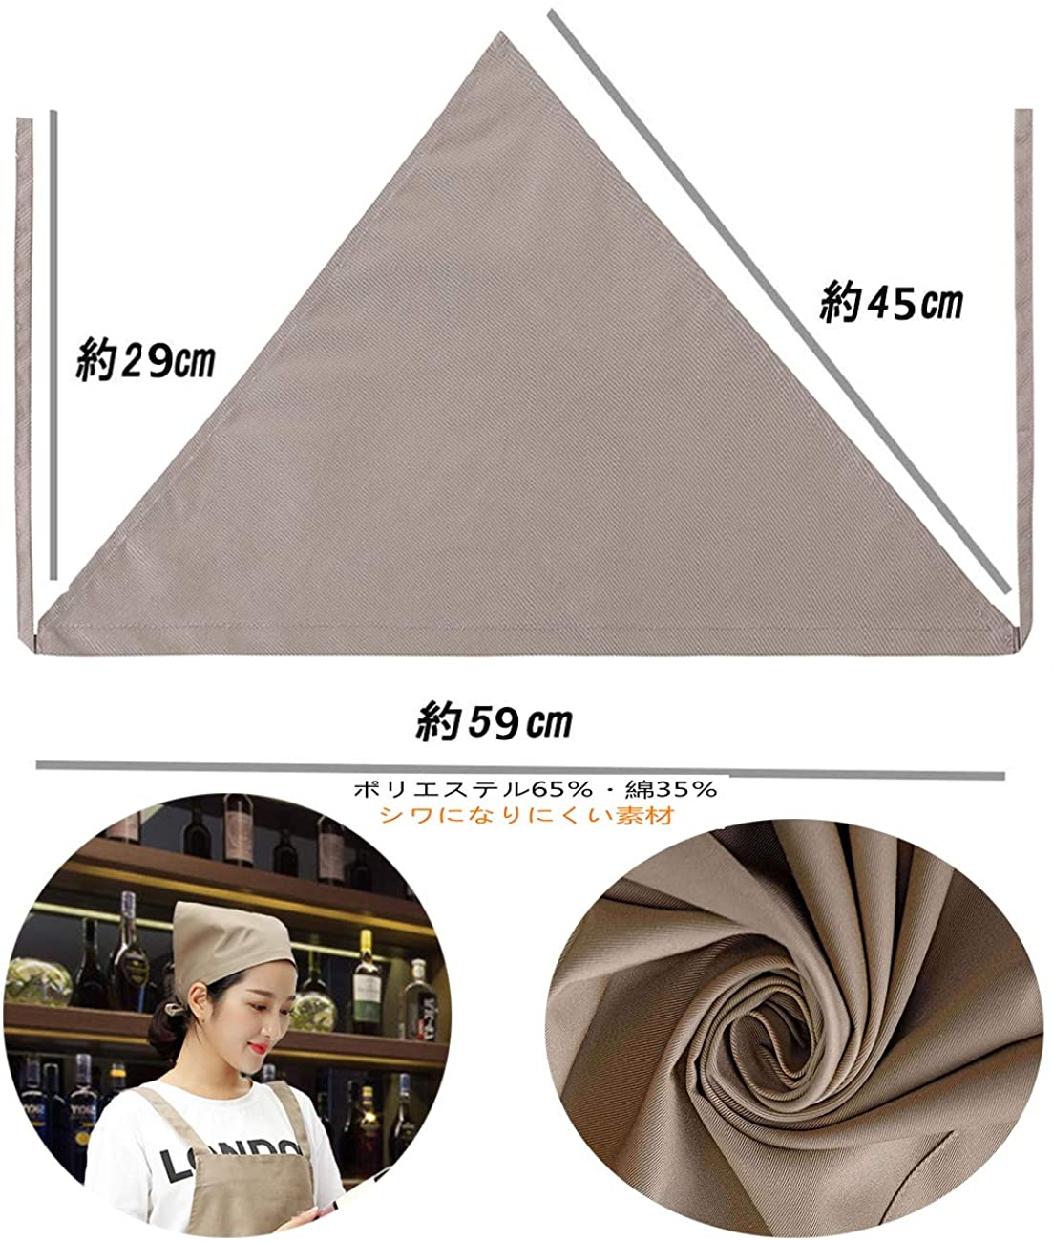 WOOMOON花月(WOOMOON) 三角巾の商品画像2